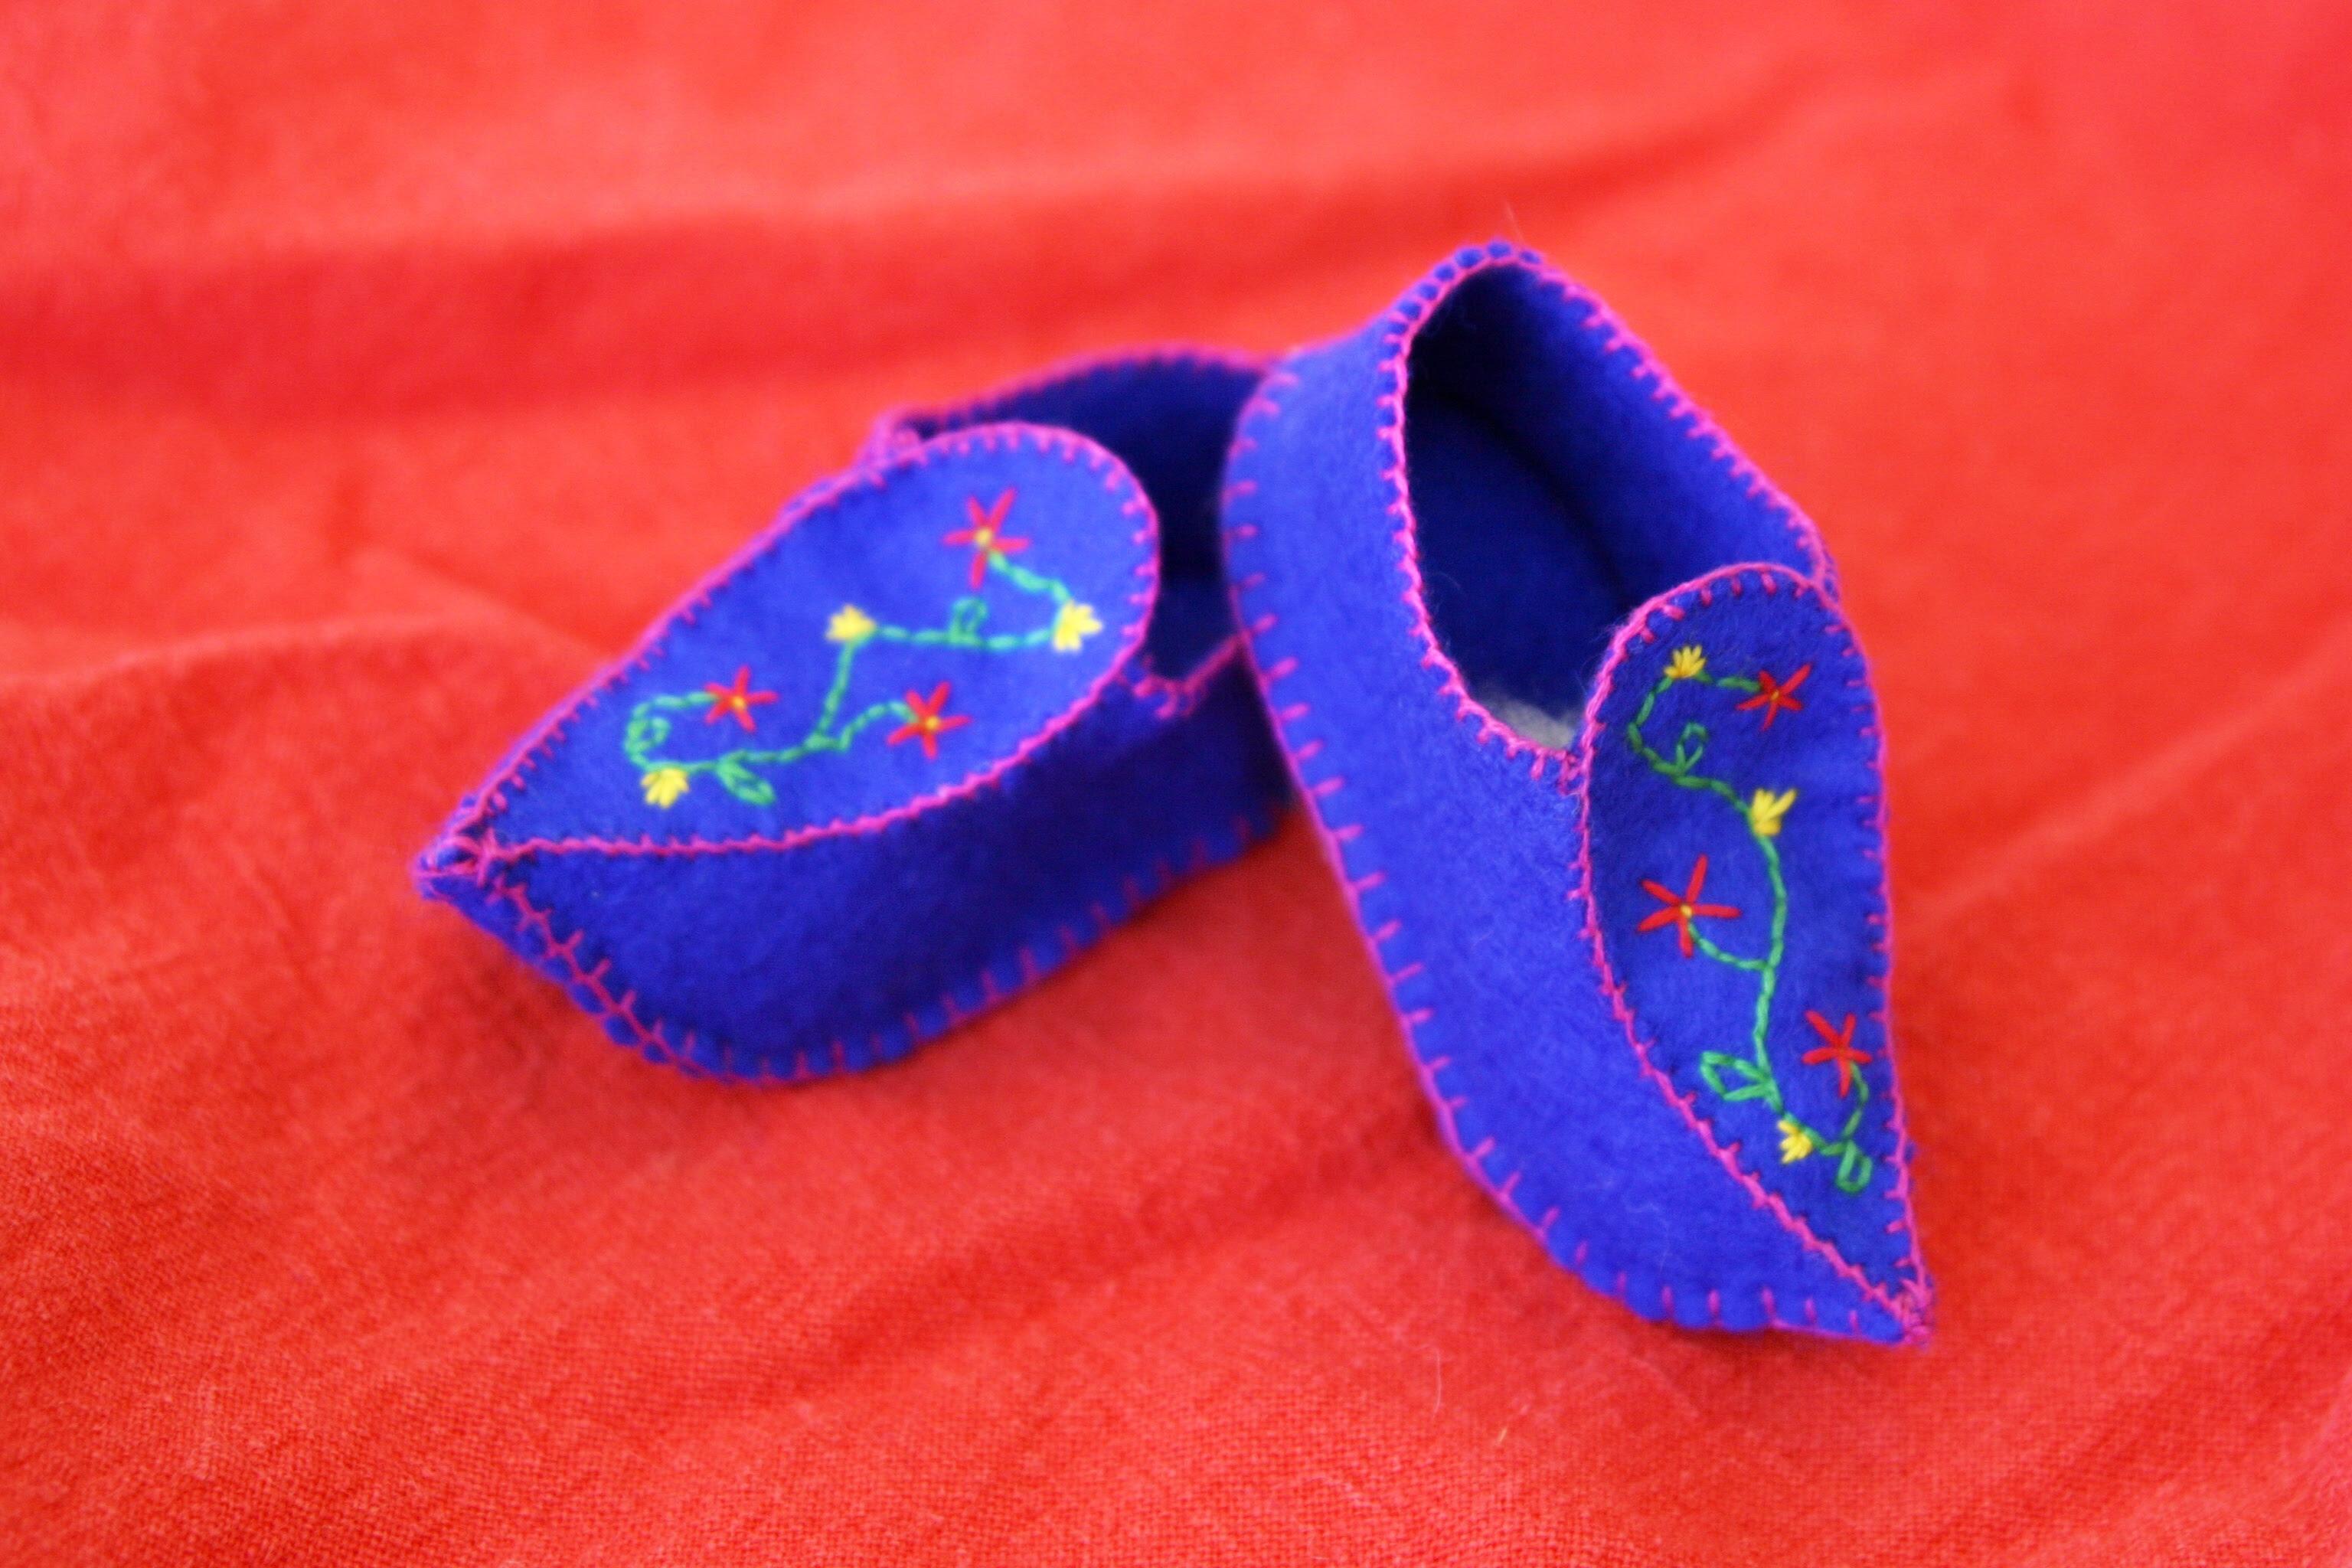 Blue Elf Clogs